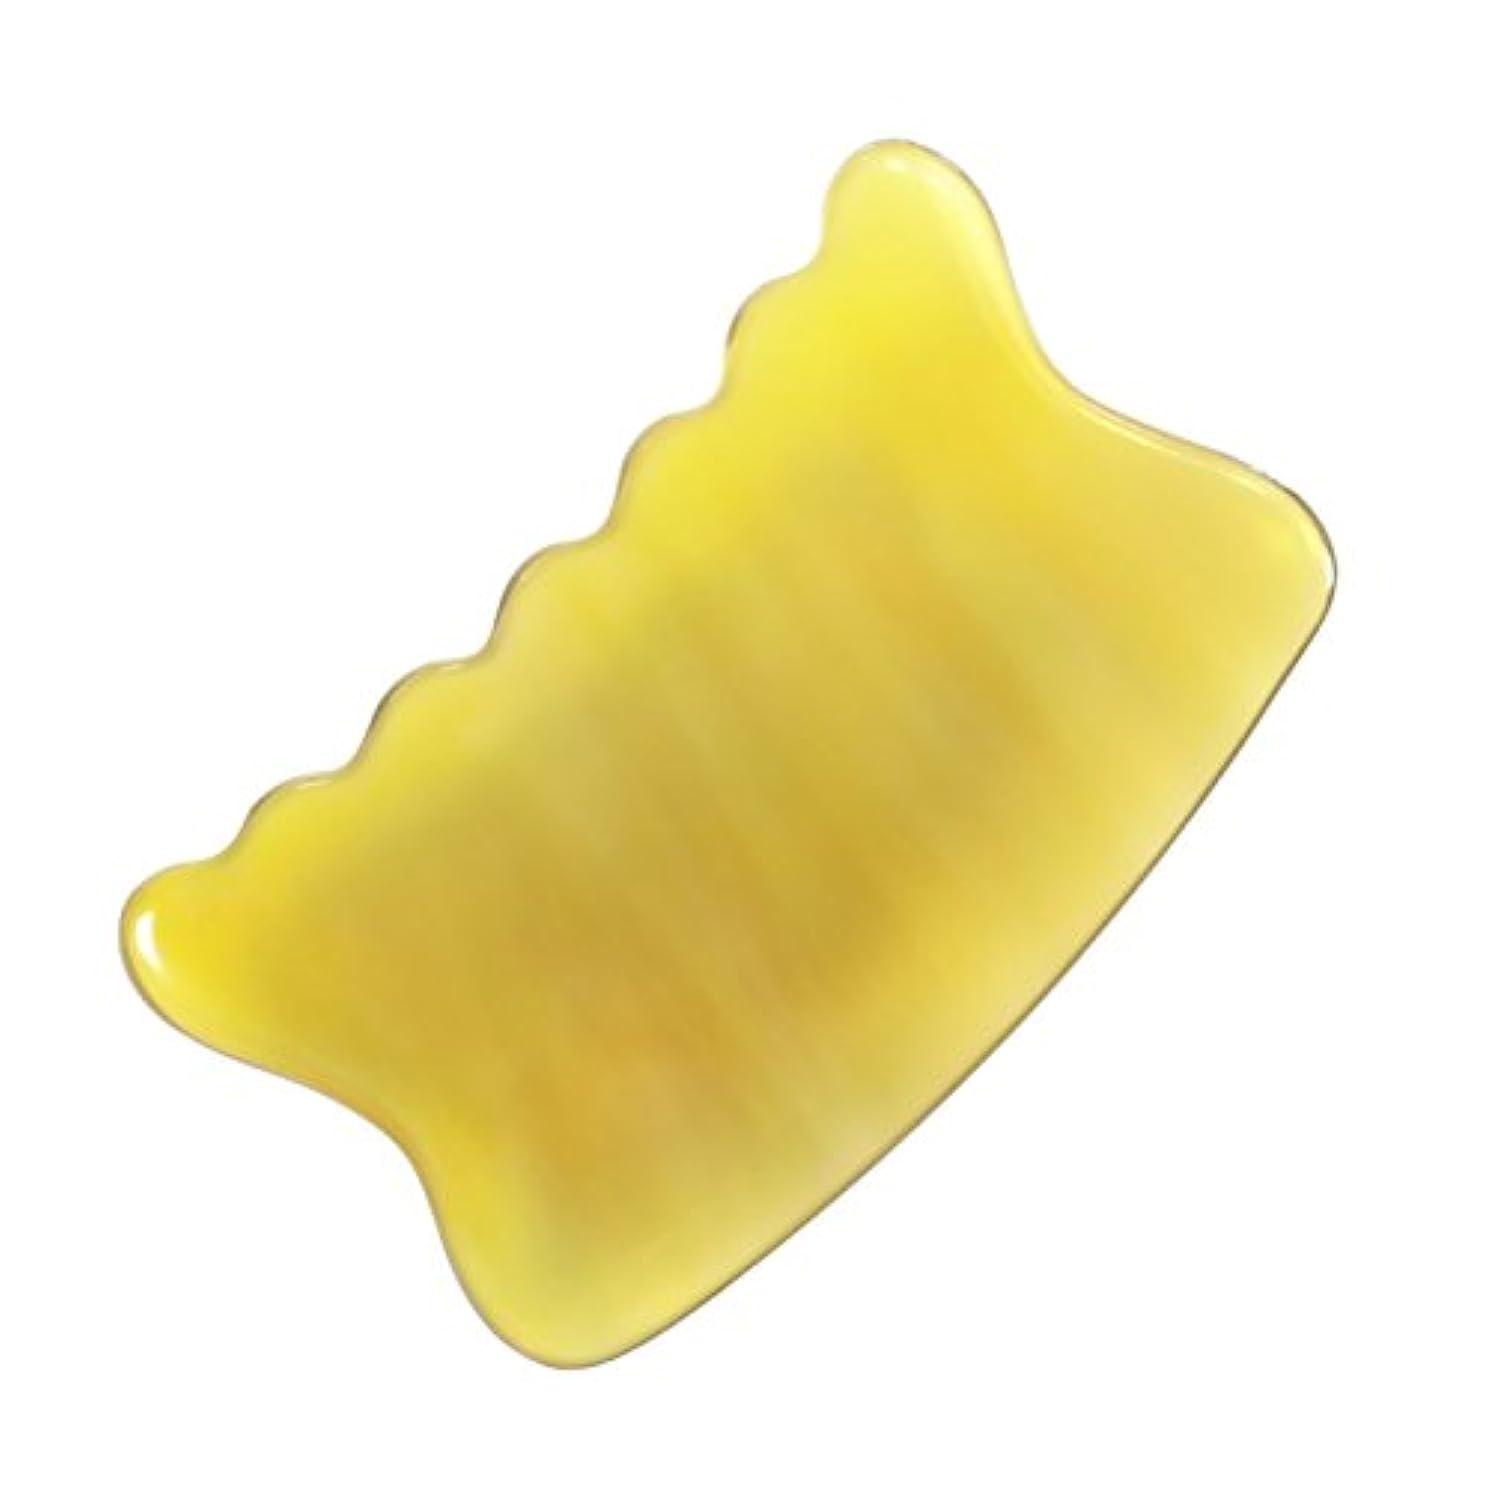 召集する見分けるセンブランスかっさ プレート 希少68 黄水牛角 極美品 曲波型